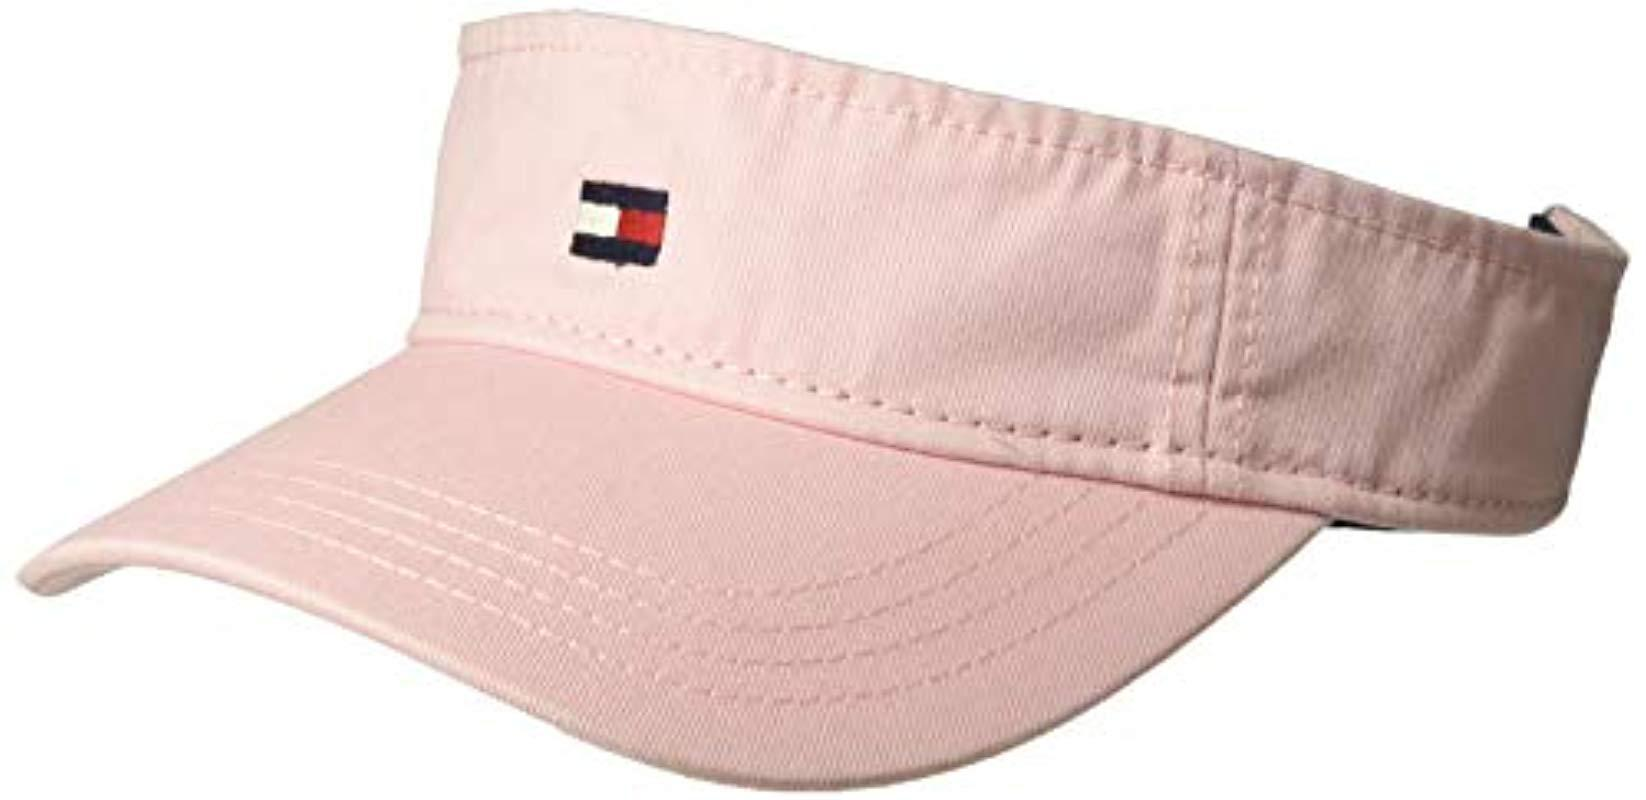 Lyst - Tommy Hilfiger Dad Hat Flag Solid Cotton Visor in Pink for Men adc8cd02de14